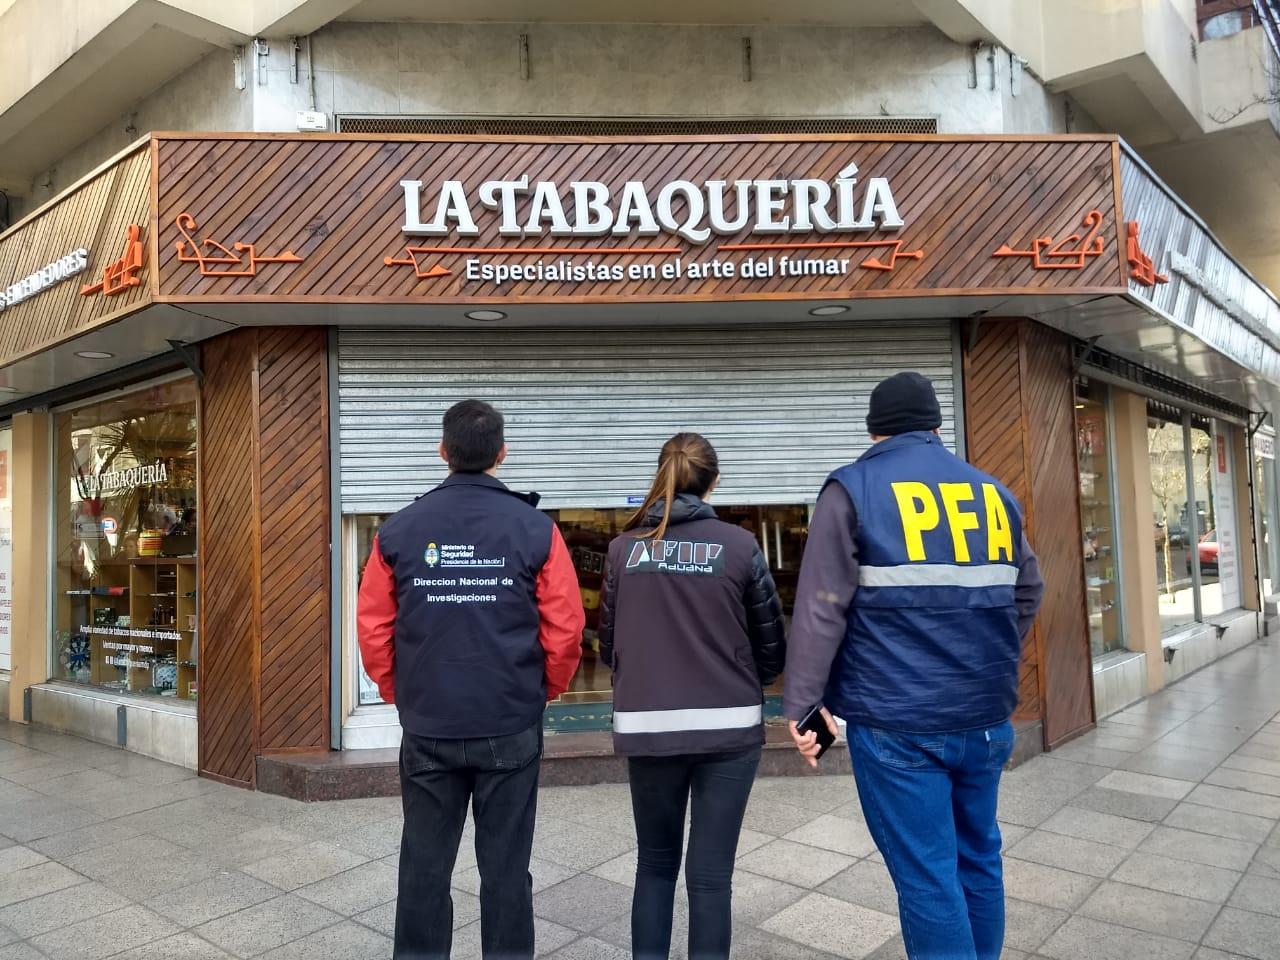 Golpe a los cigarrillos electrónicos: secuestraron más de 4 millones de pesos en mercadería de contrabando